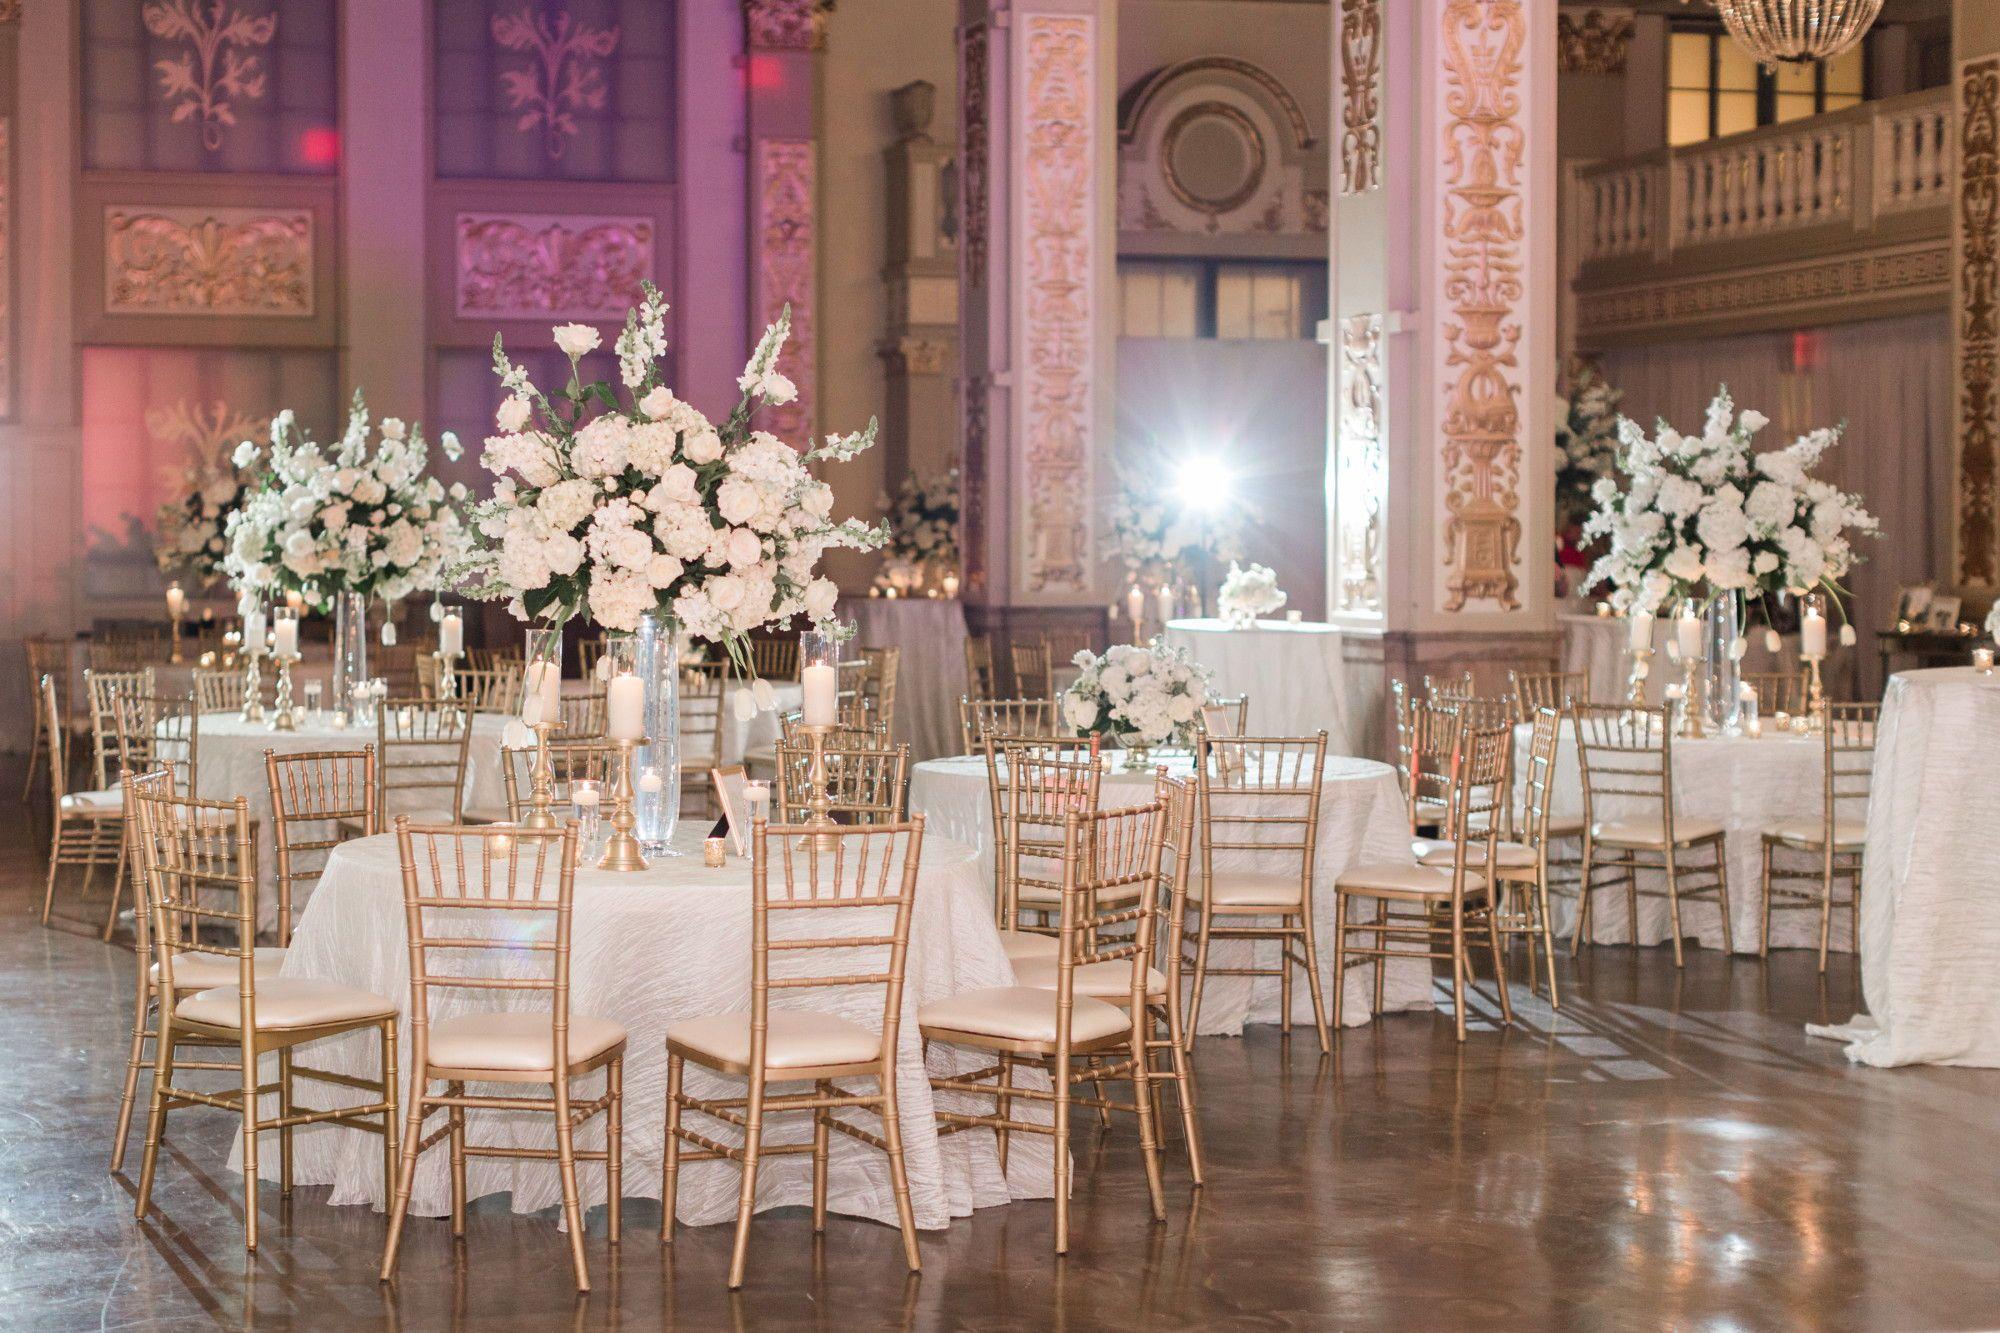 The Cadre Building Memphis Wedding Venue In 2020 Wedding